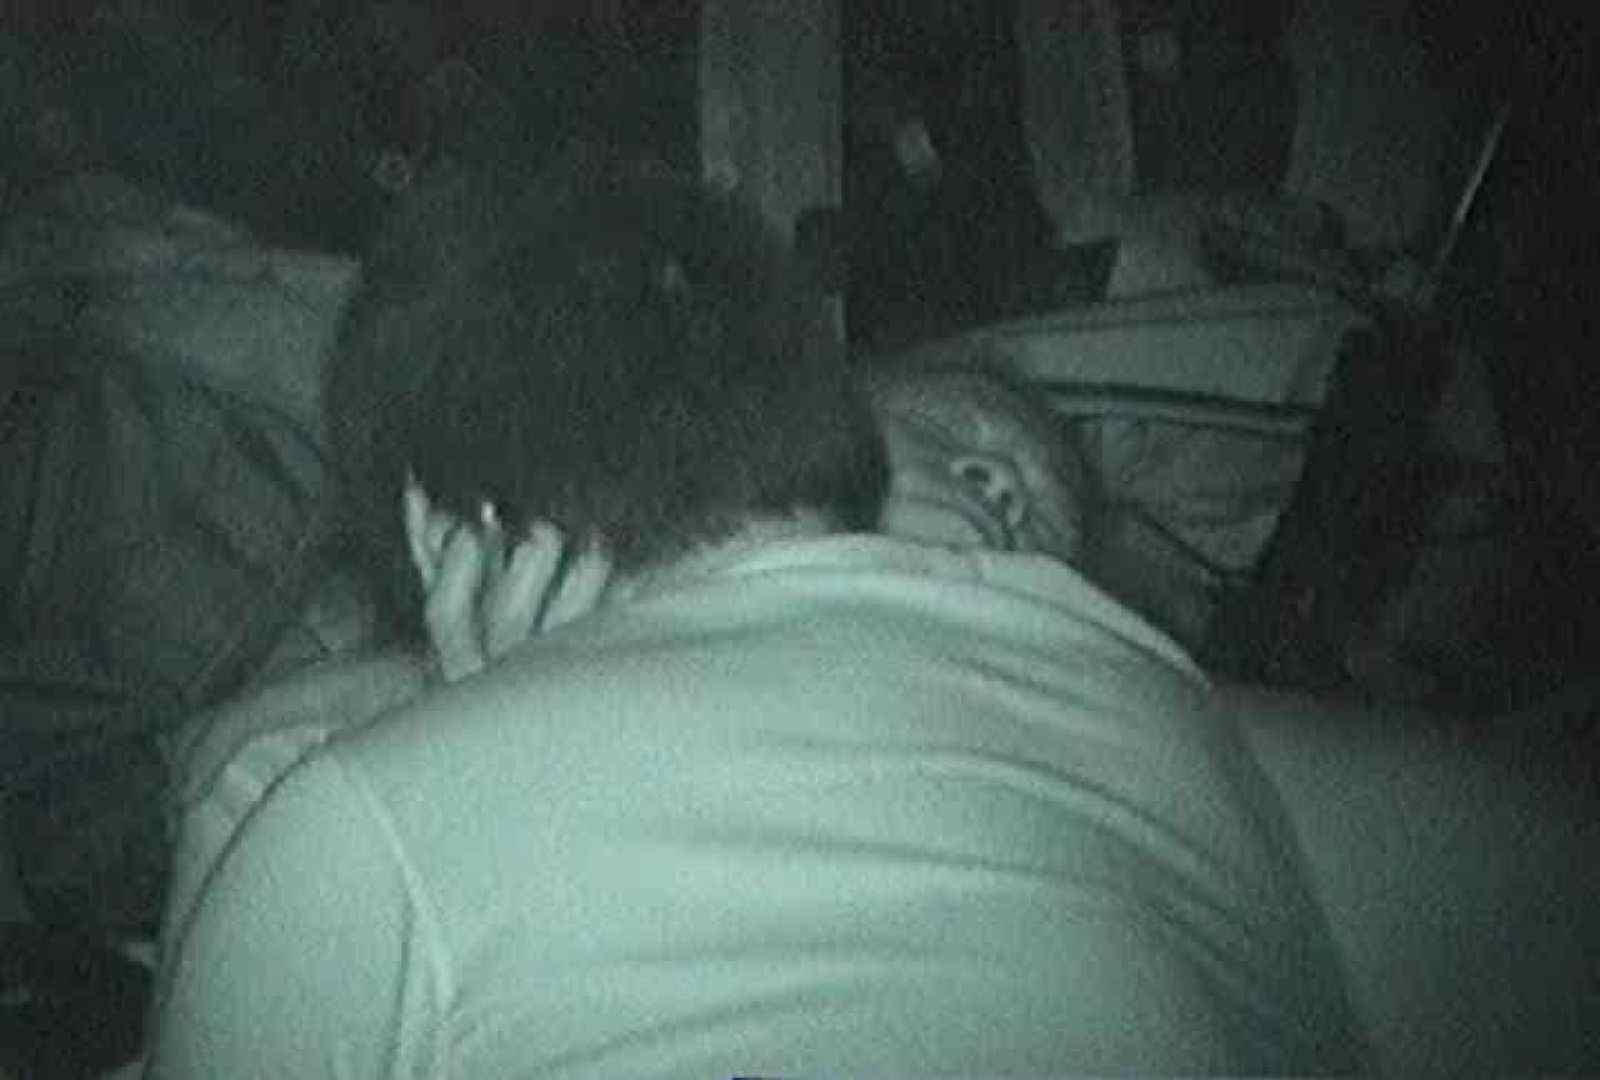 充血監督の深夜の運動会Vol.68 OLエロ画像 隠し撮りAV無料 98PICs 50